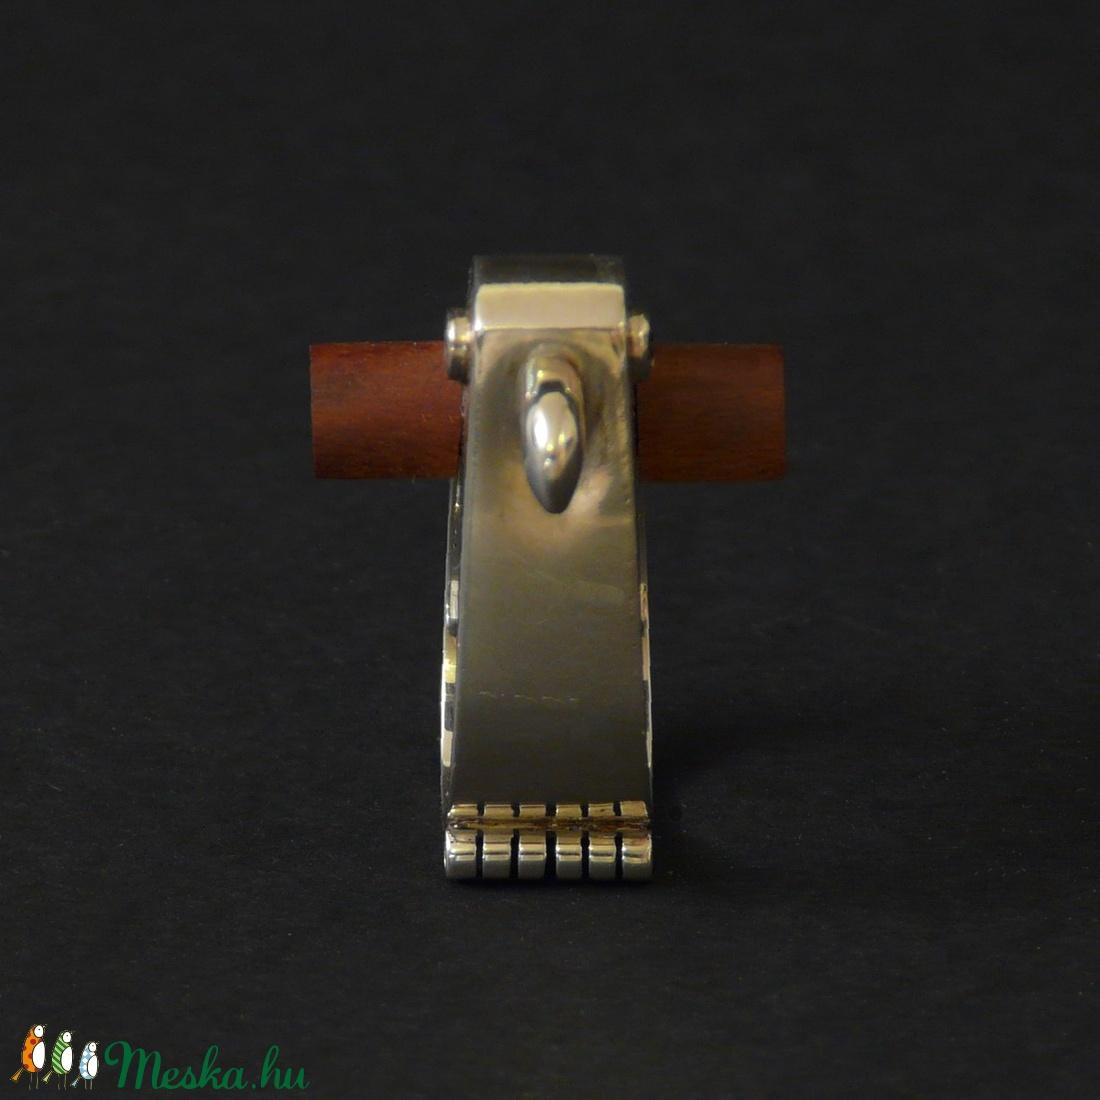 Turul gyűrű - ékszer - gyűrű - figurális gyűrű - Meska.hu